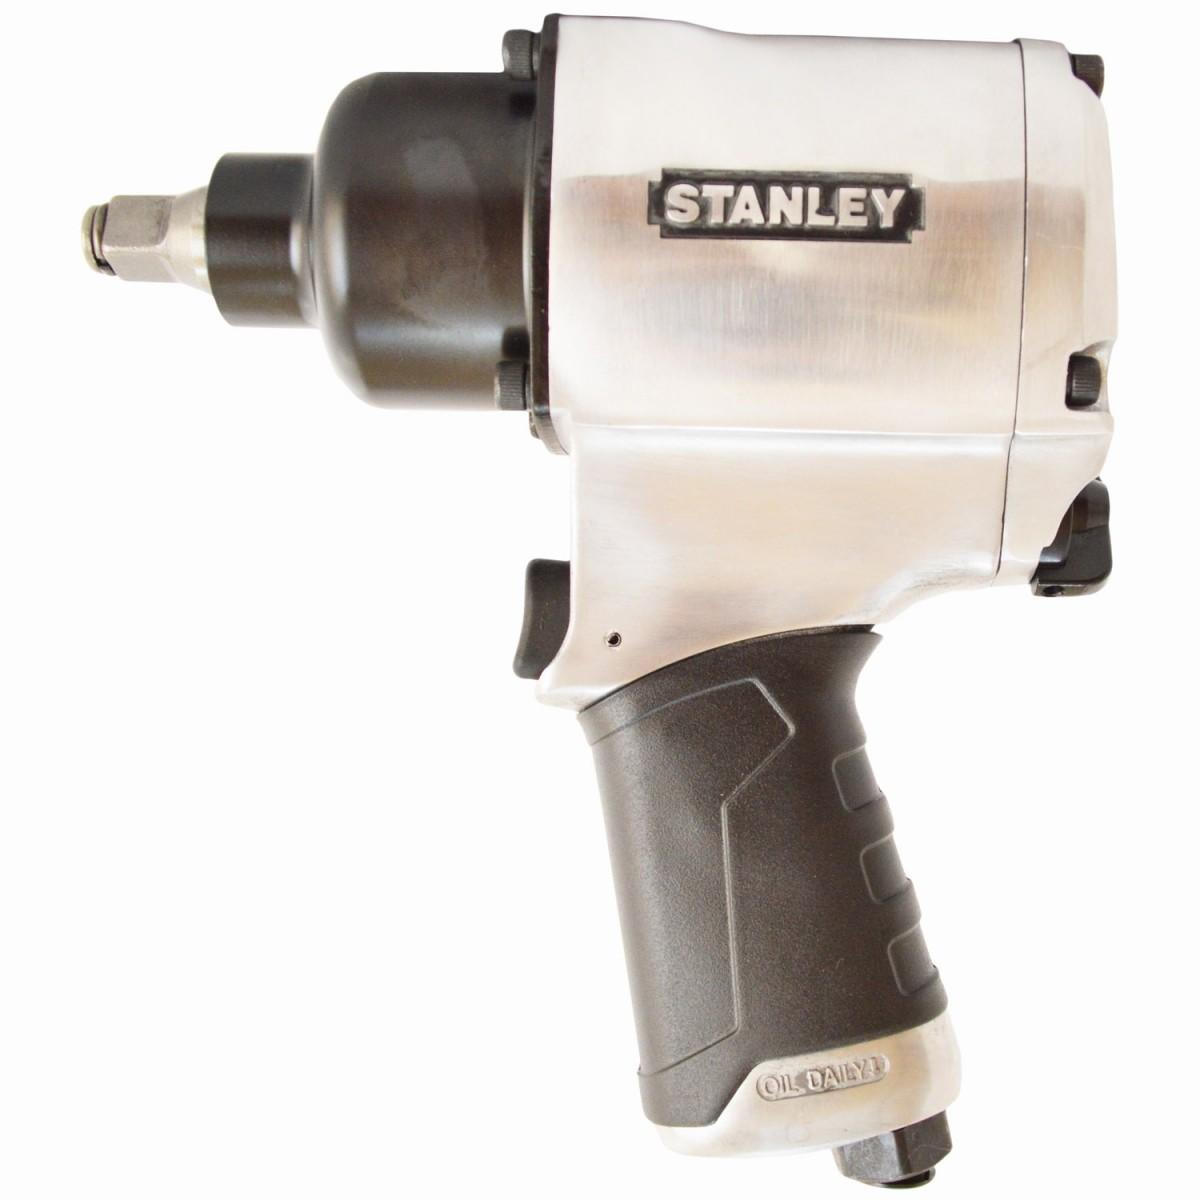 Chave de Impacto Pneumática de 1/2 Polegada - Stanley